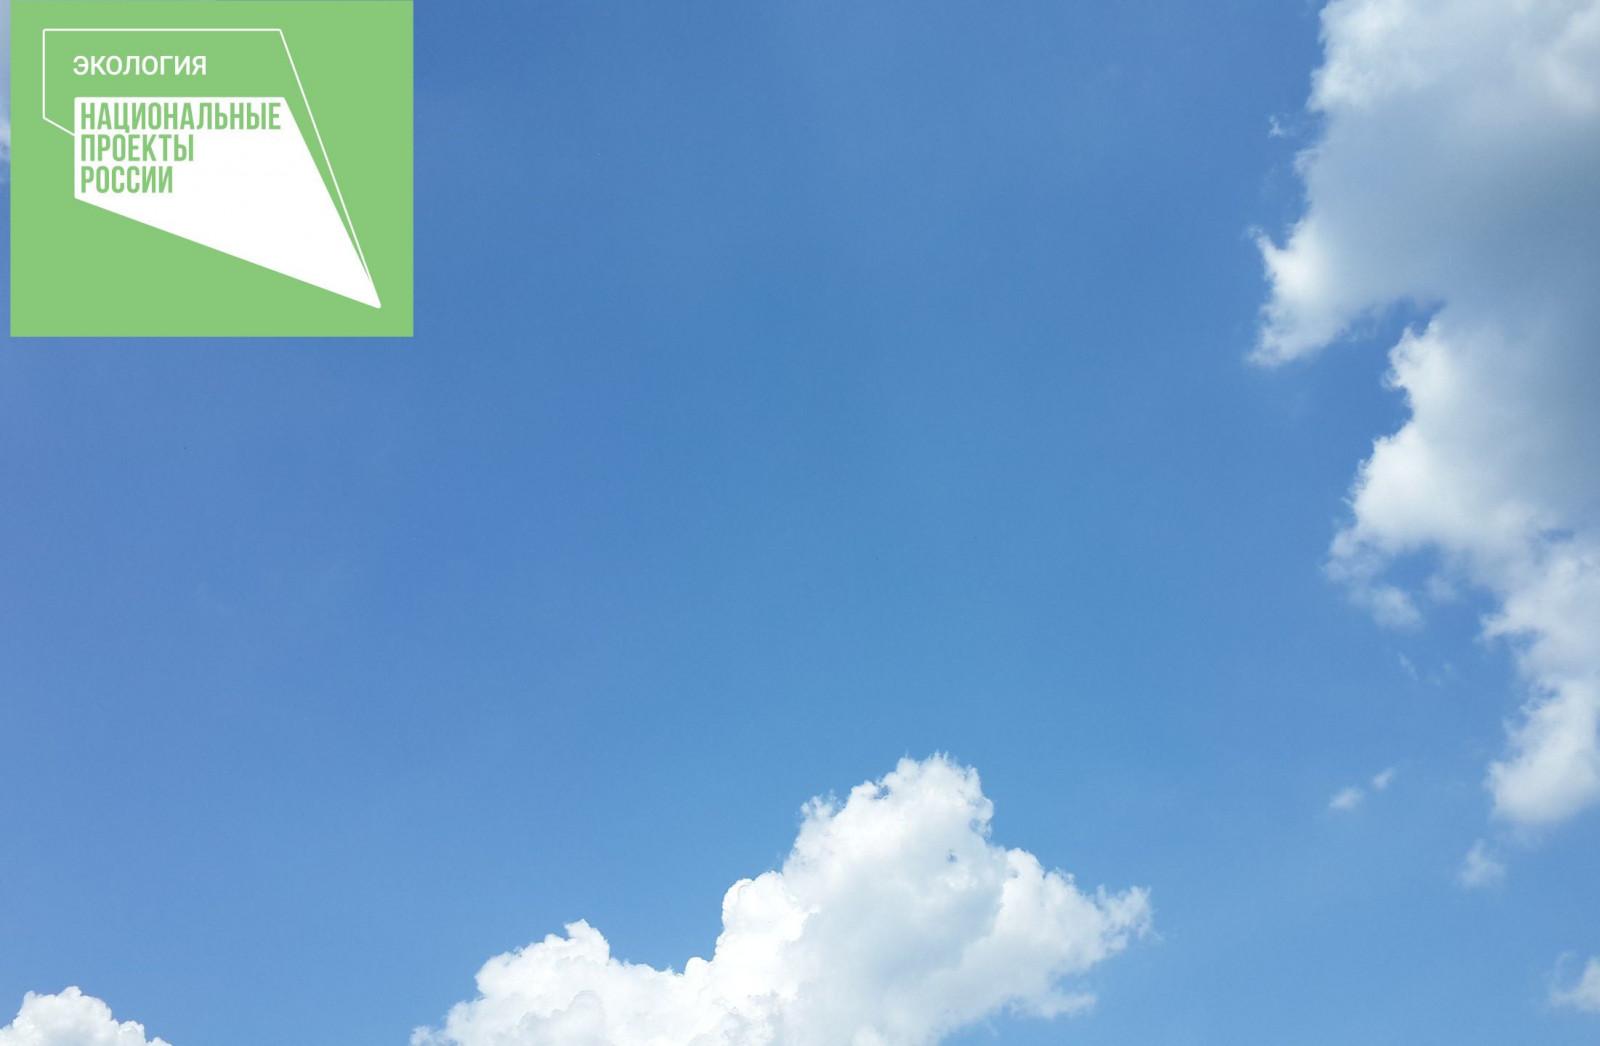 Итоги экологического мониторинга состояния атмосферного воздуха за 2020 год